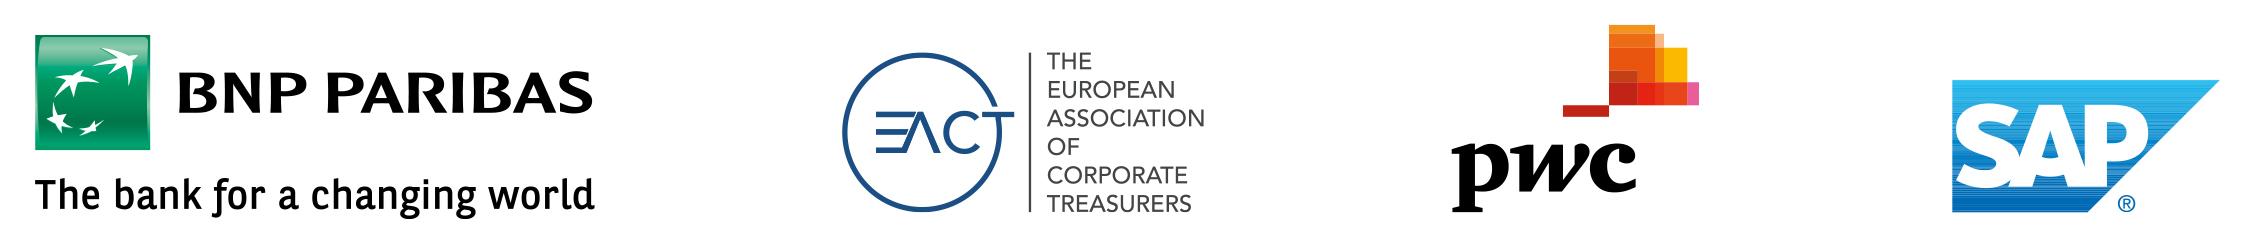 logo_4_partners_JTT 2019.jpg